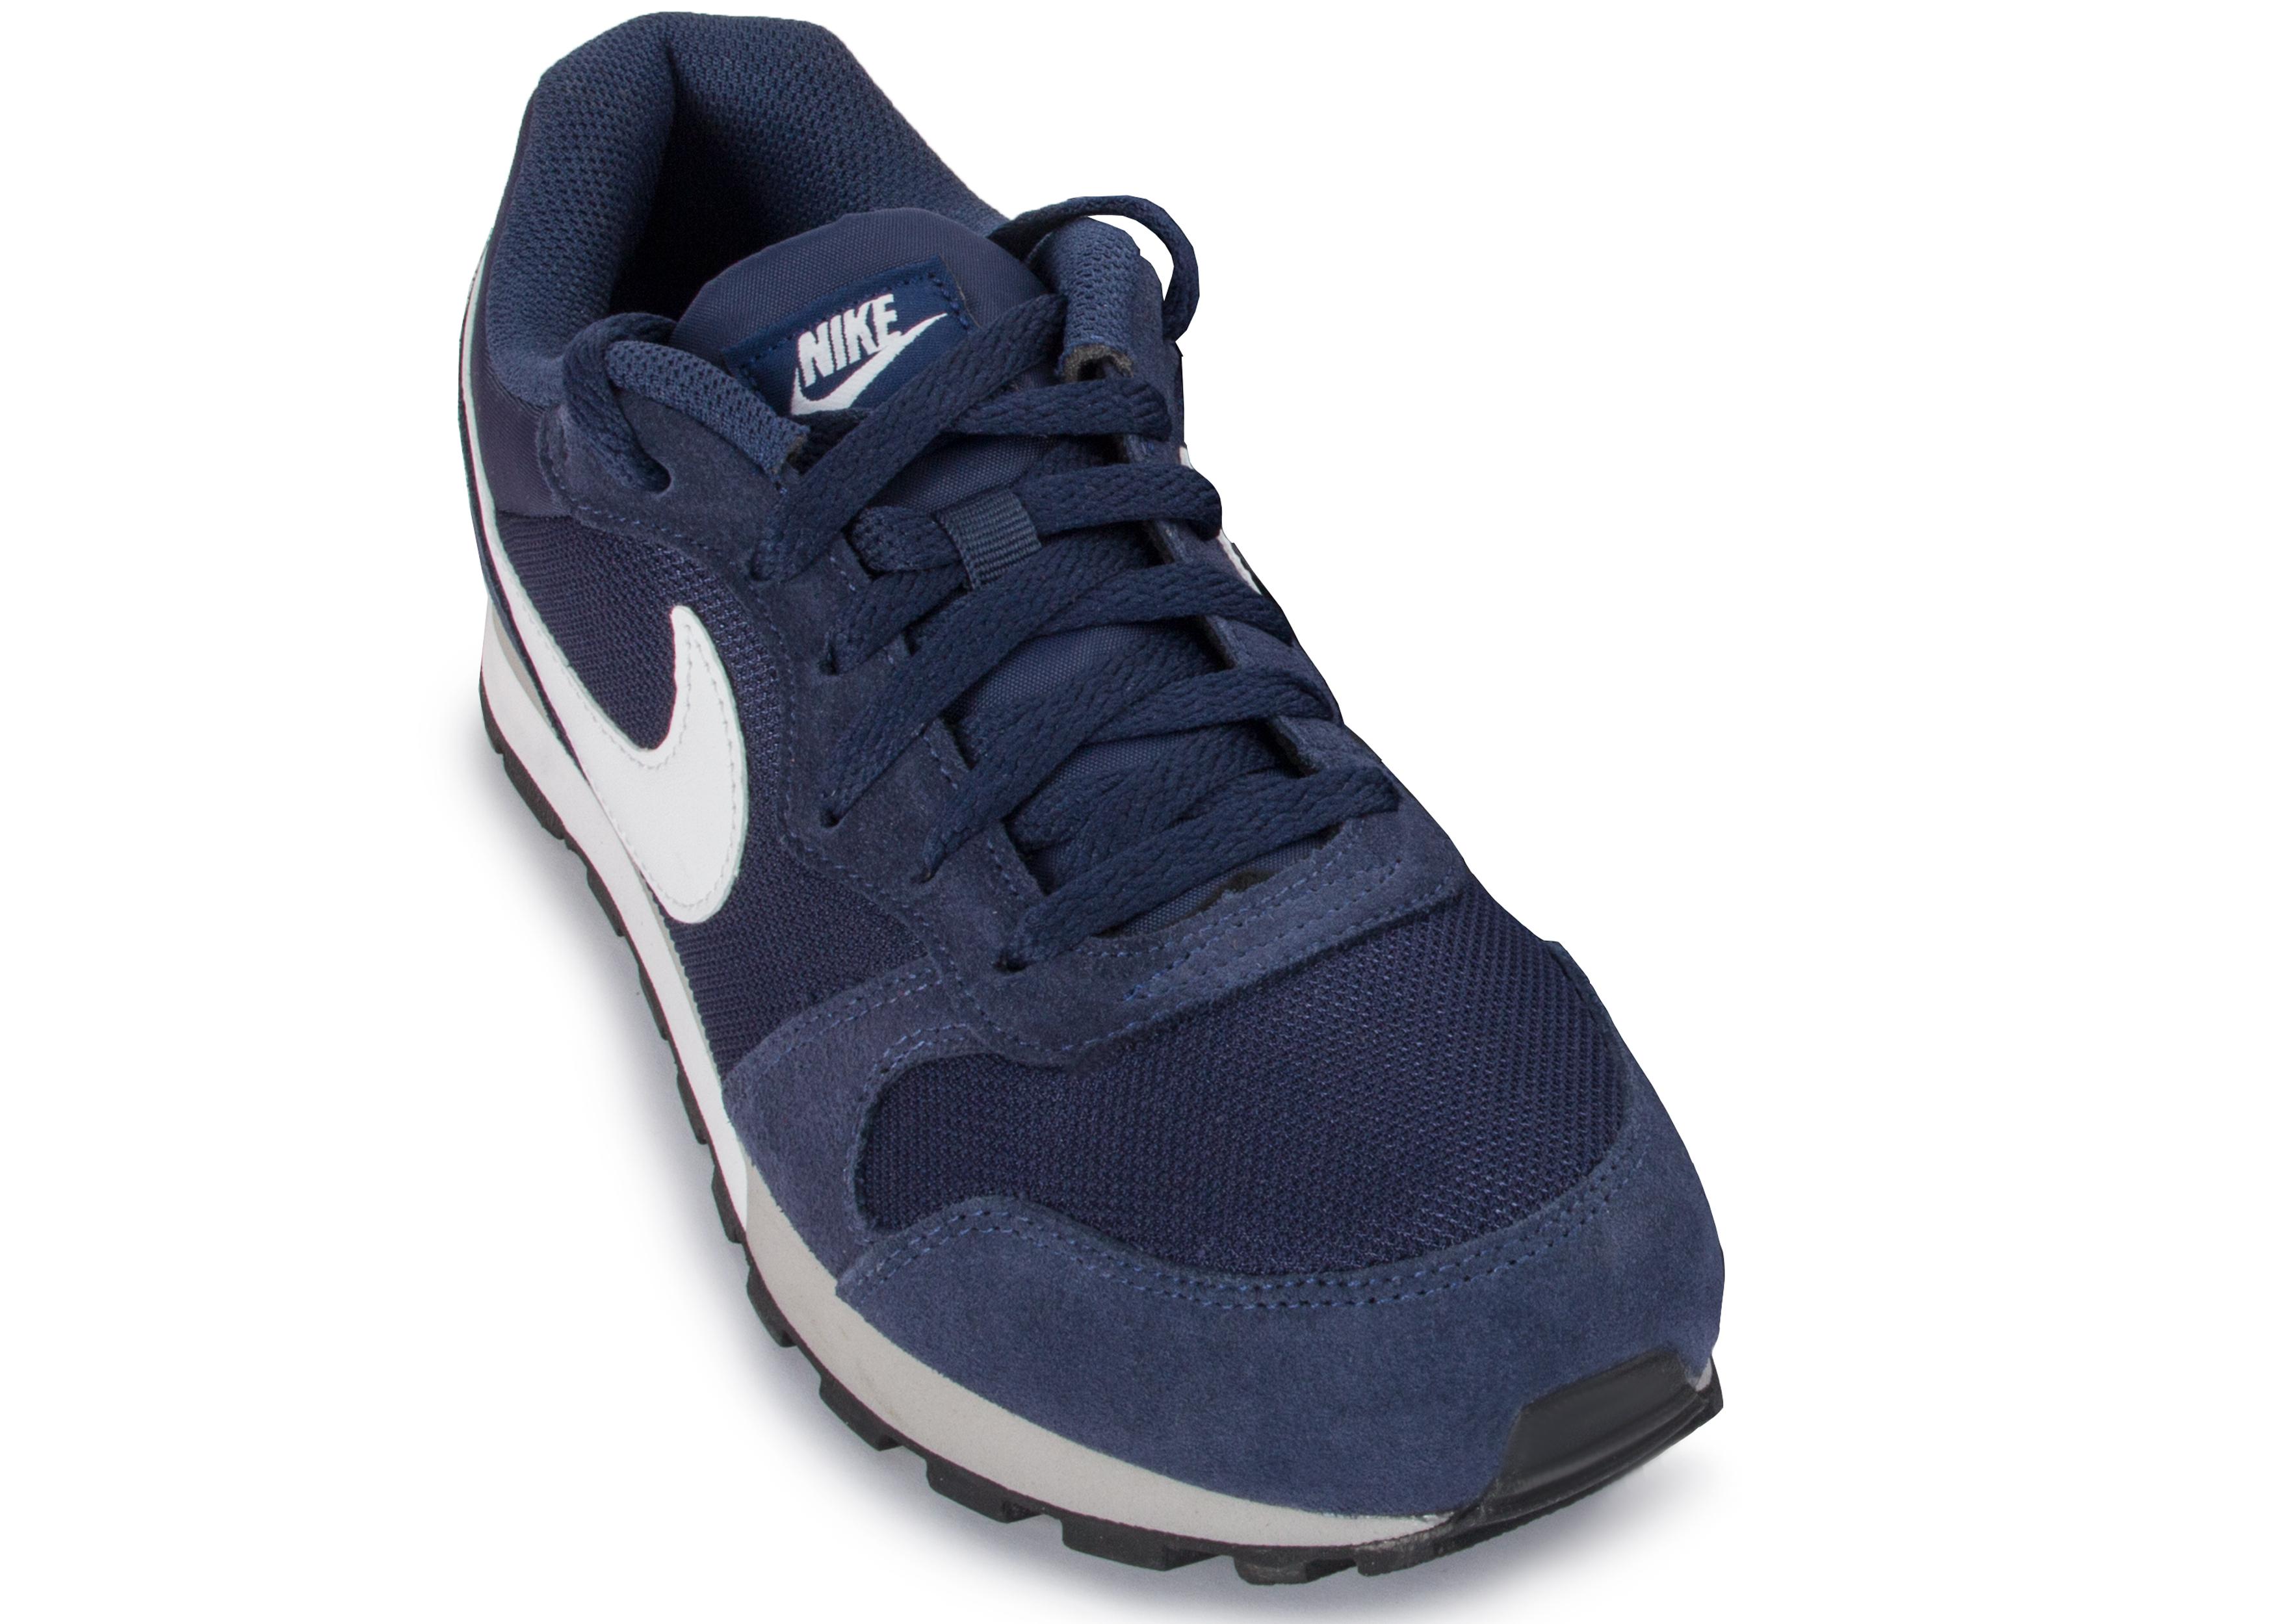 ffc4e3cc Кроссовки мужские Nike MD Runner 2 - Сеть спортивных магазинов Чемпион